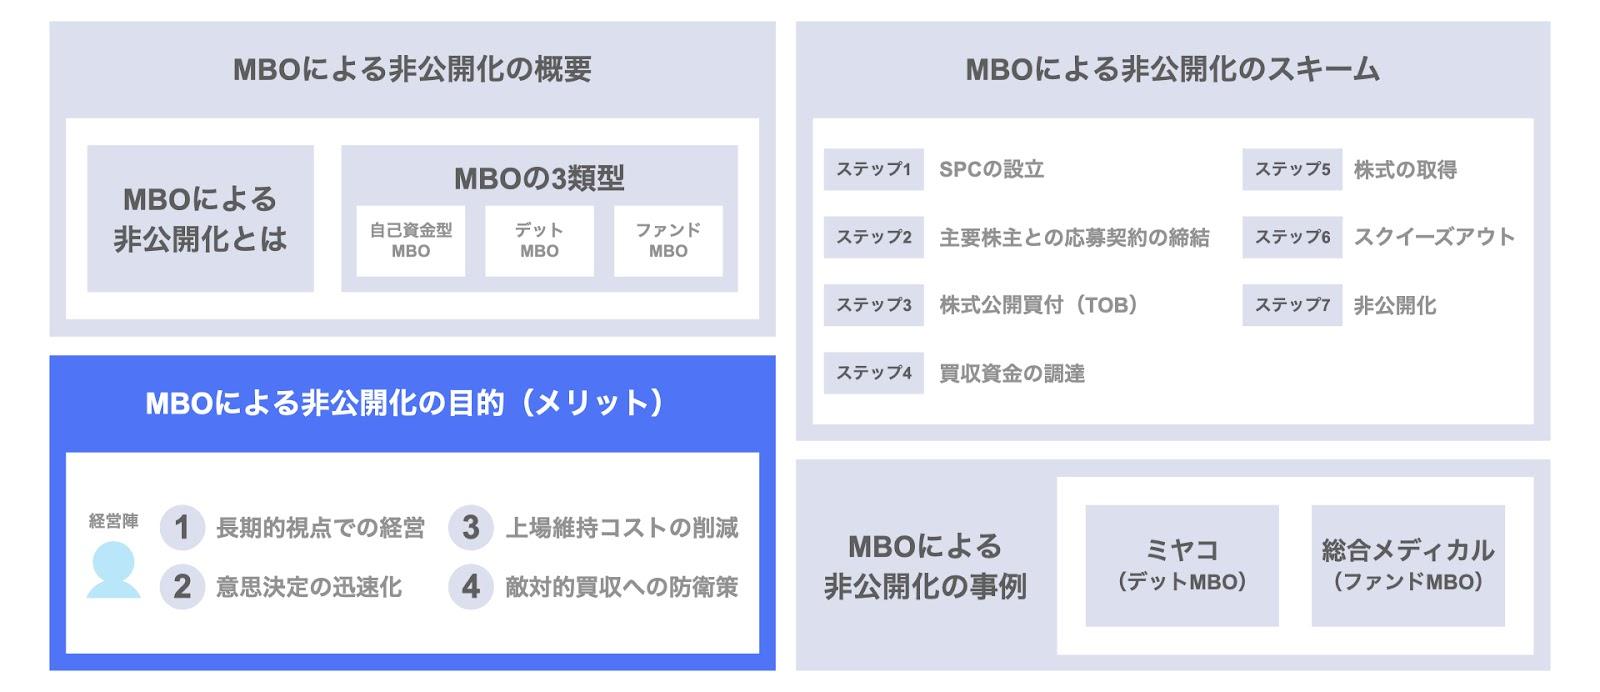 MBOによる非公開化の目的(メリット)